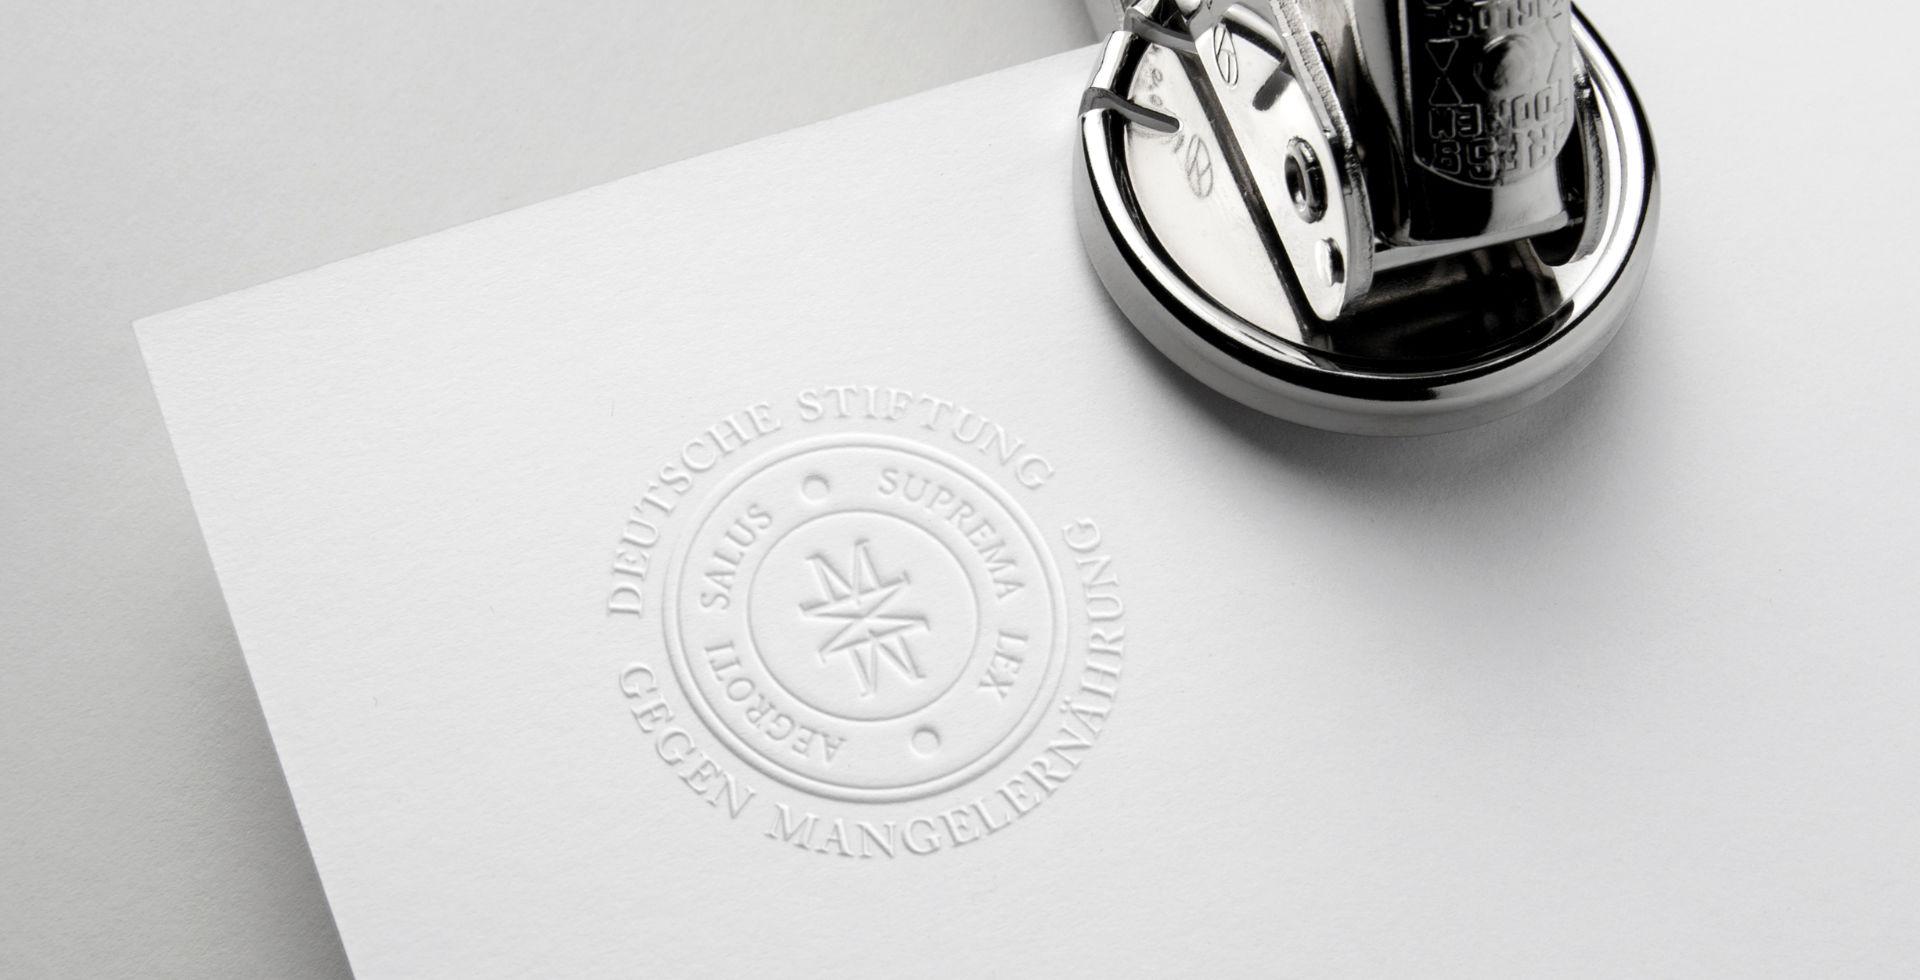 http://Logo%20für%20eine%20medizinische%20Stiftung